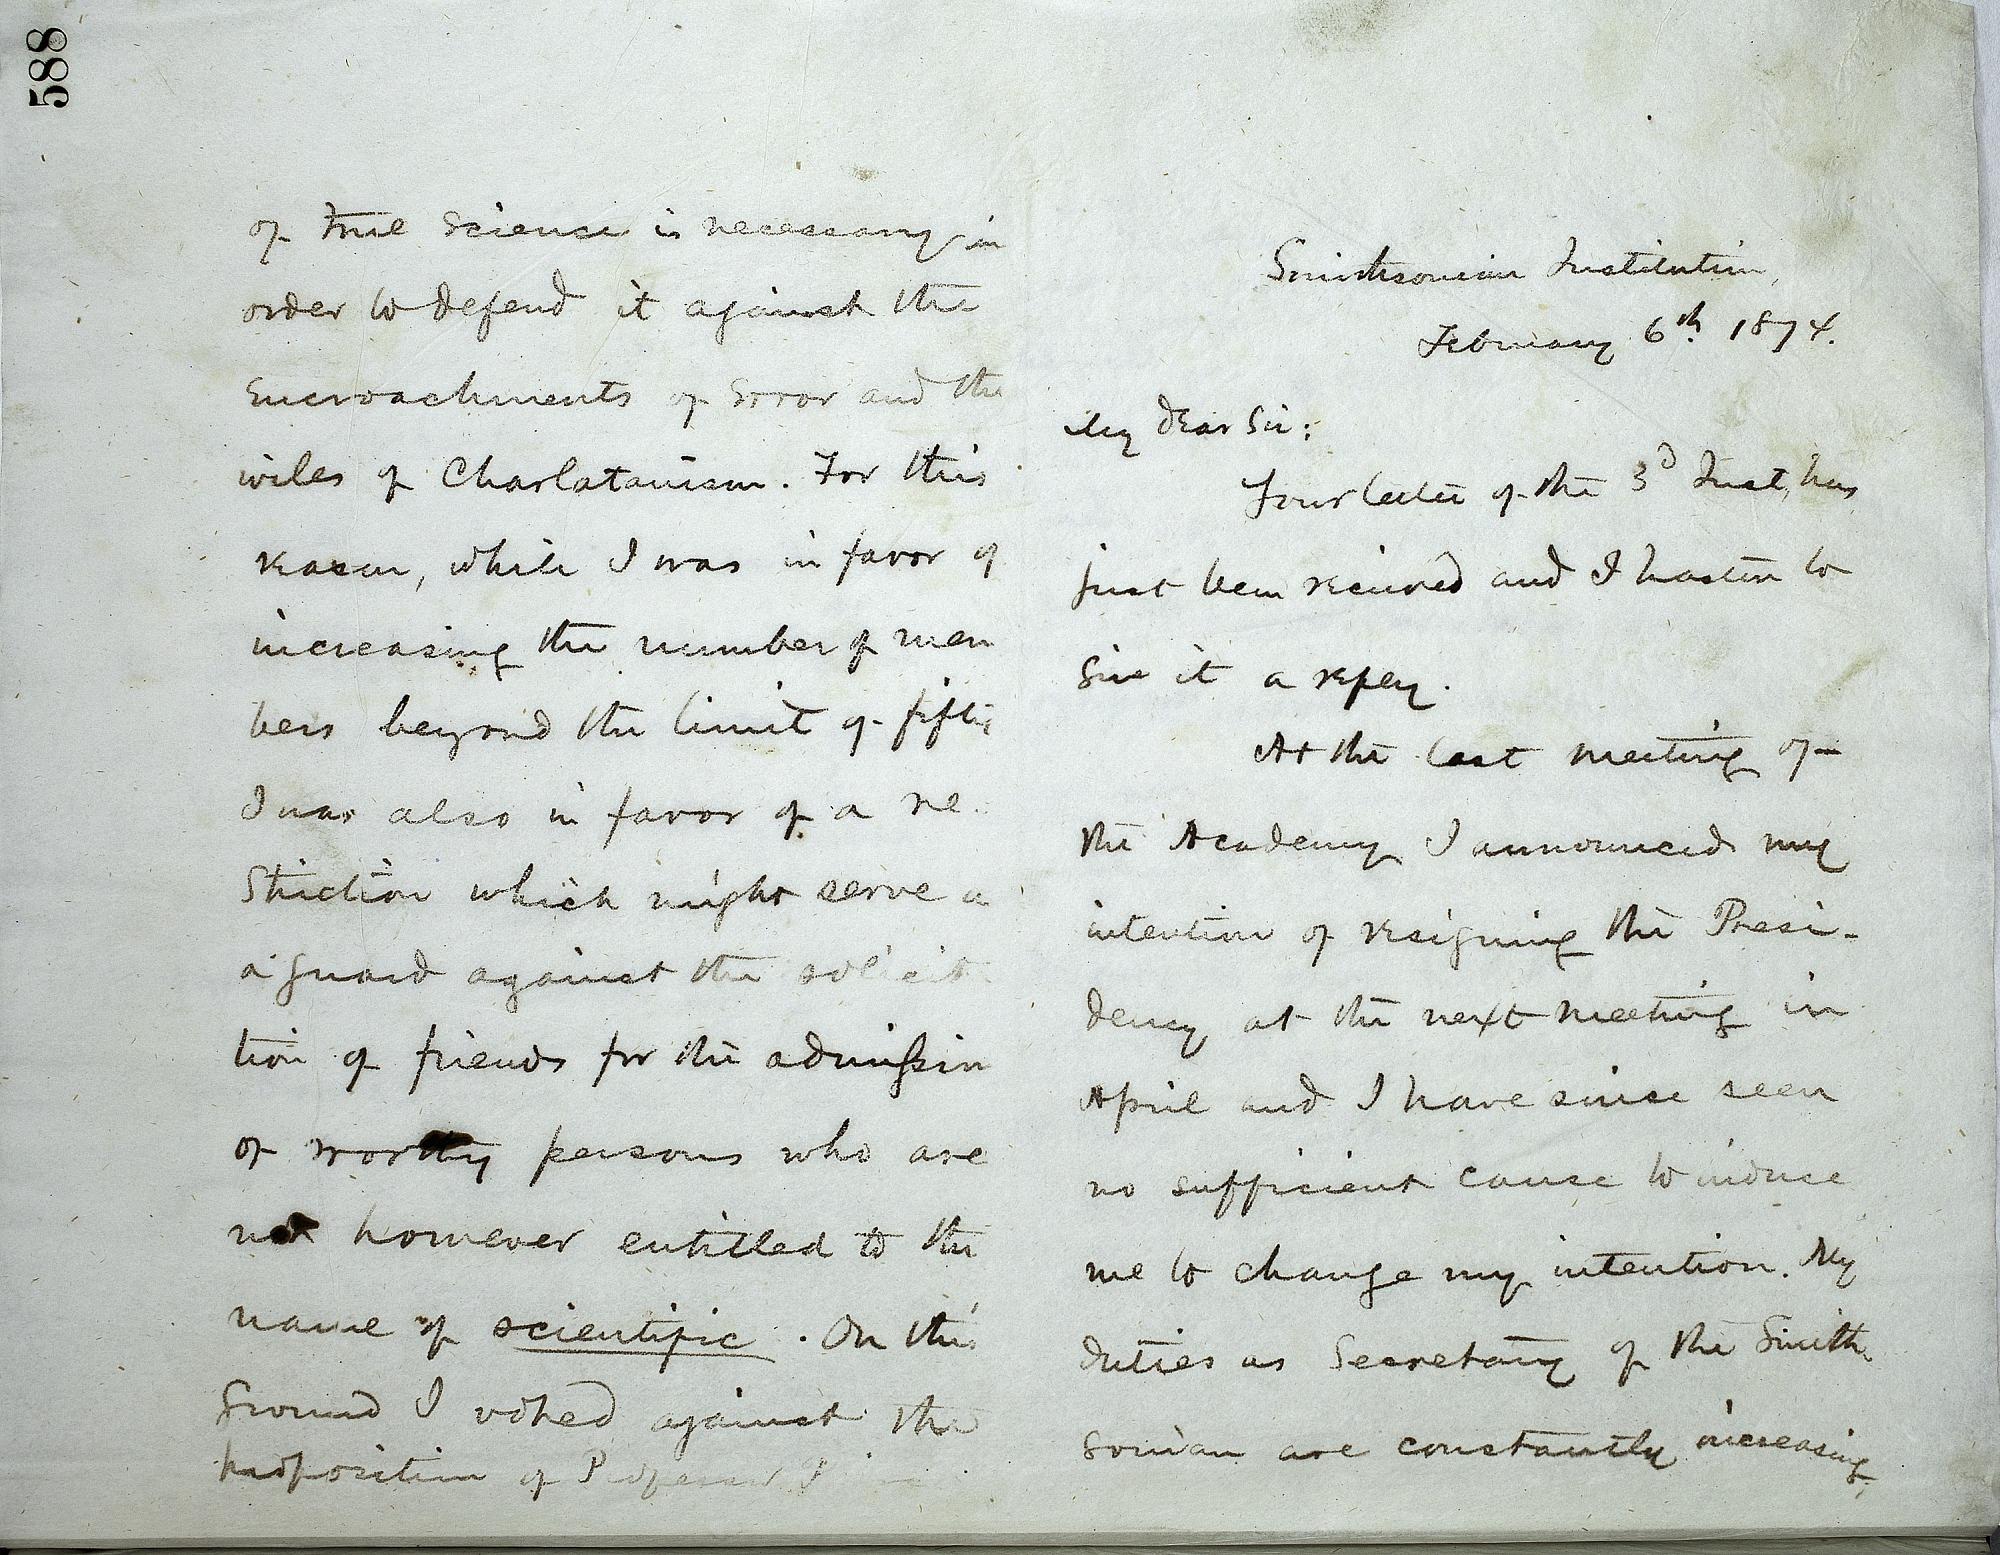 Joseph Henry's Letter to Alexander Agassiz (February 6, 1874)